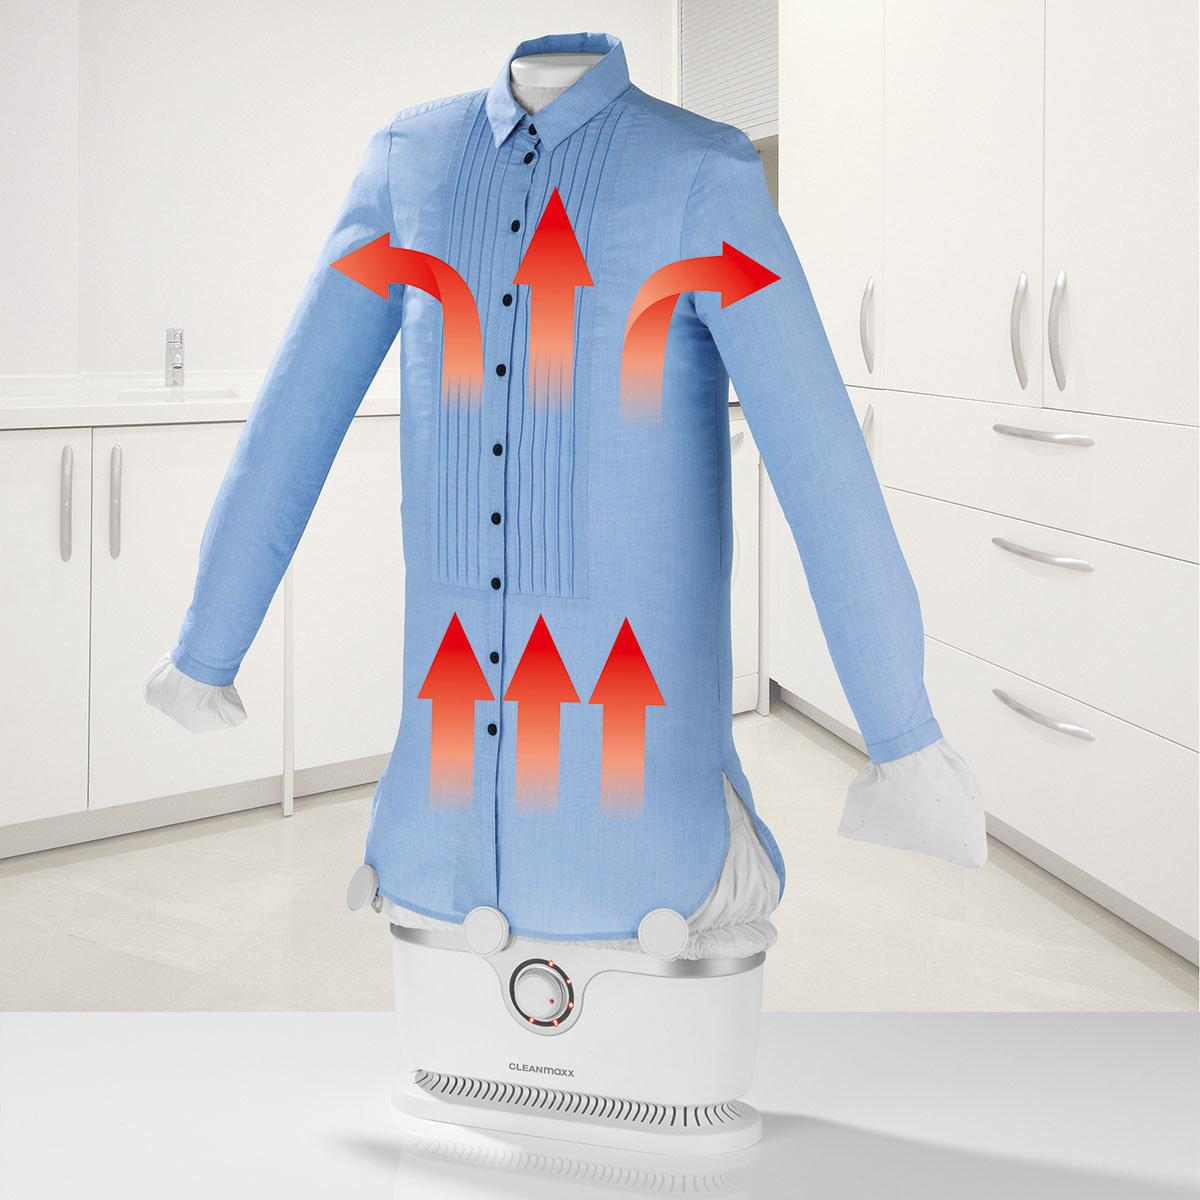 Hemden- & Blusenbügler | #3